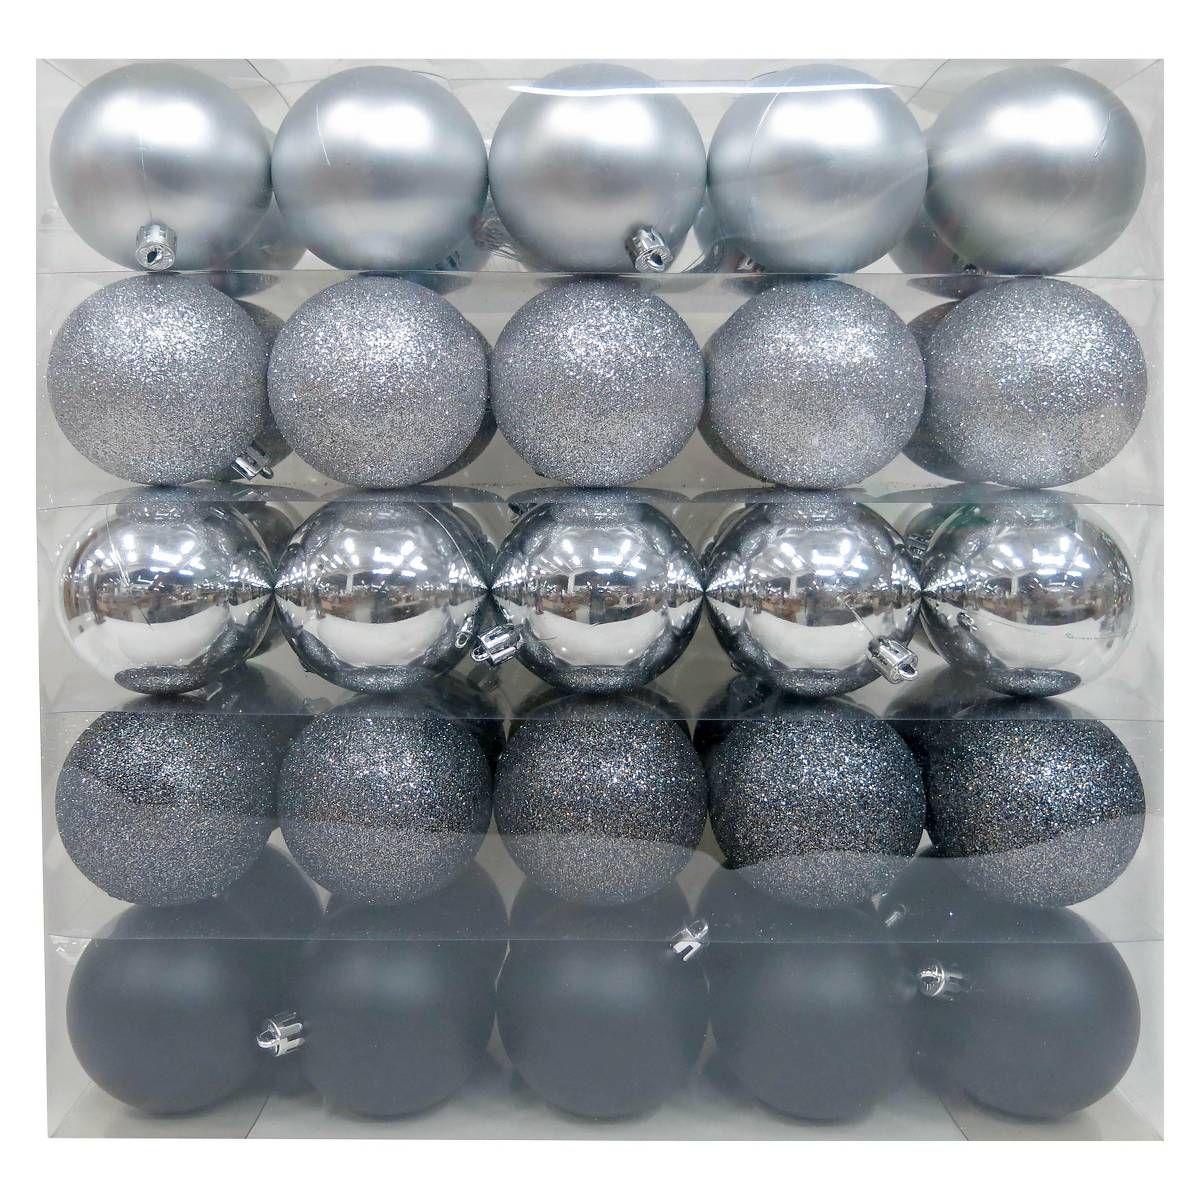 black ang grey glitter christmas ornaments target - Christmas Ornaments Target